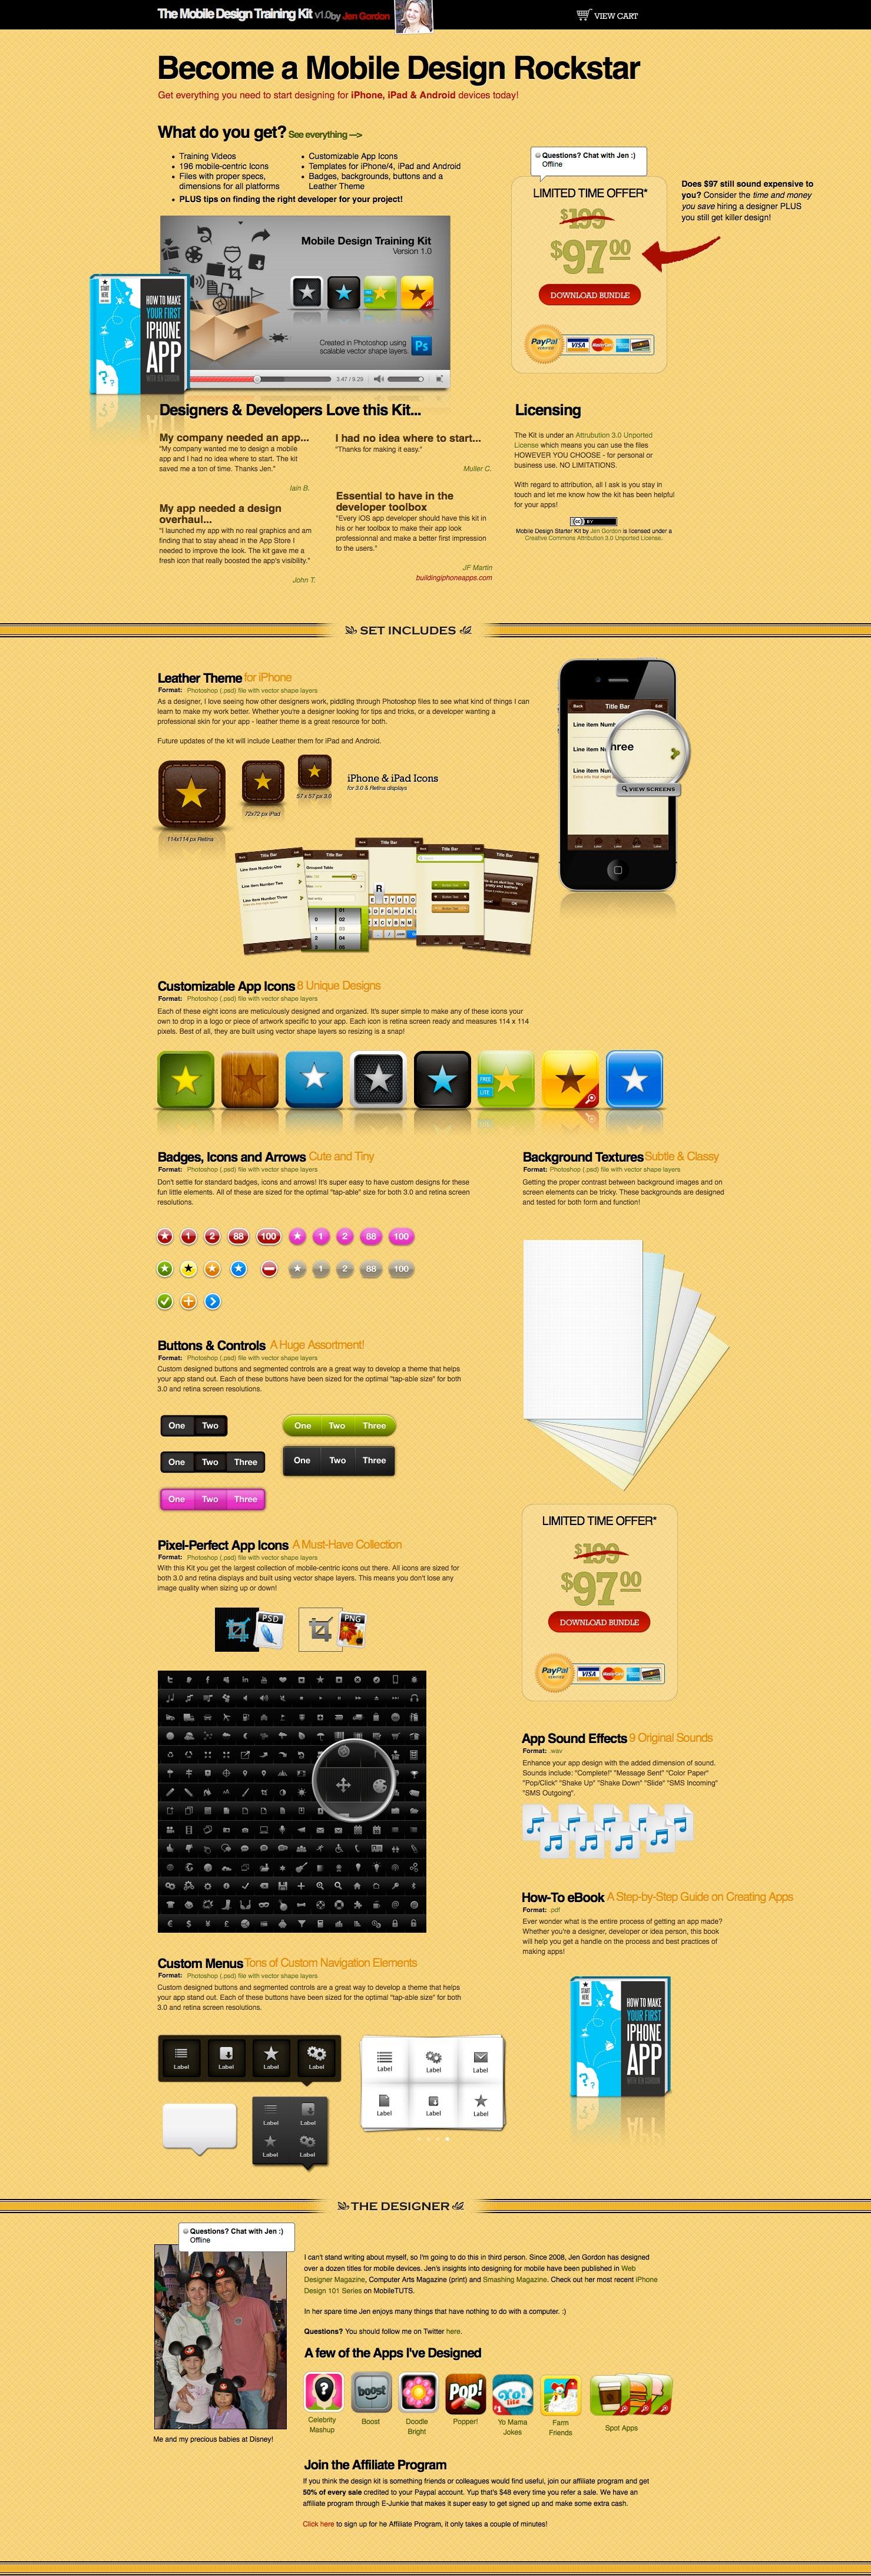 22 creative landing page designs a showcase critique for Remodel plans